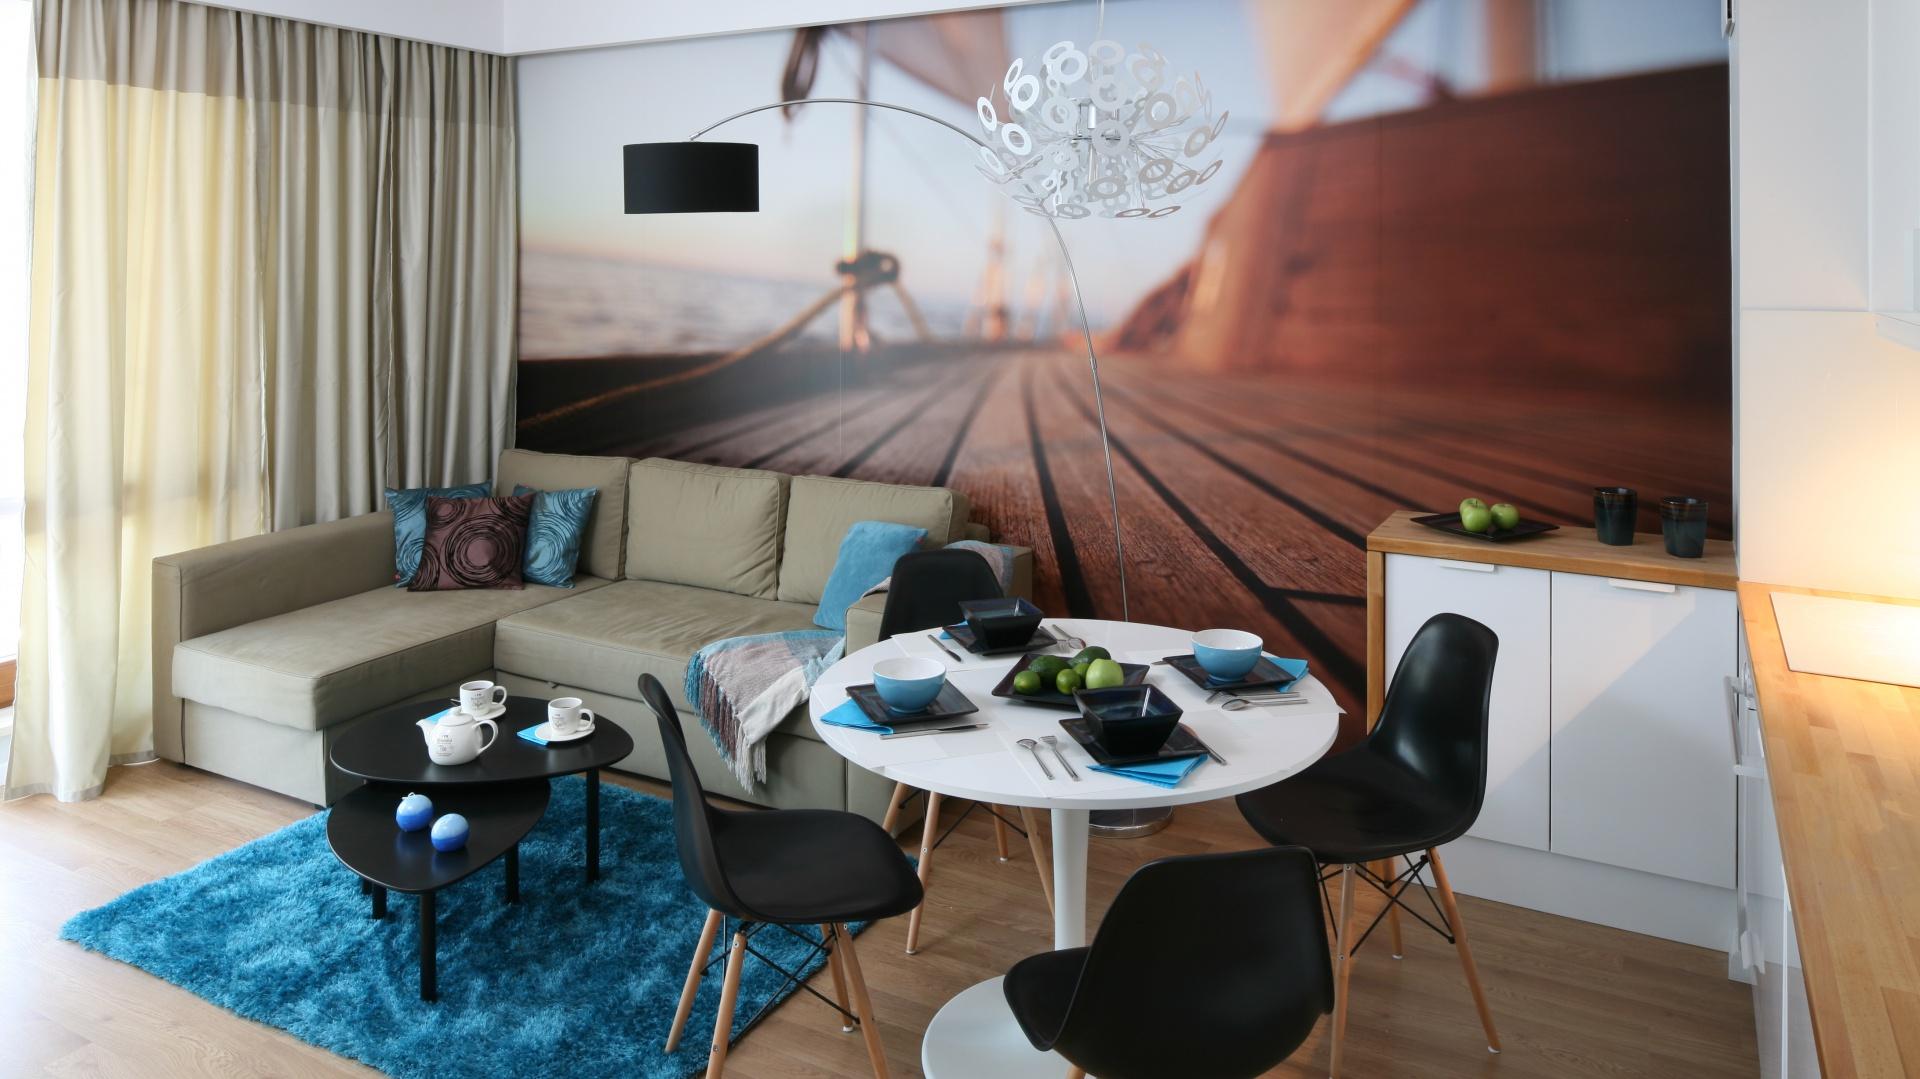 W otwartej strefie dziennej urządzono salon, kuchnię i jadalnię. Okrągły stół dzięki swej subtelnej formie stał się głównym jej elementem dekoracyjnym. Projekt: Anna Maria Sokołowska. Fot. Bartosz Jarosz.